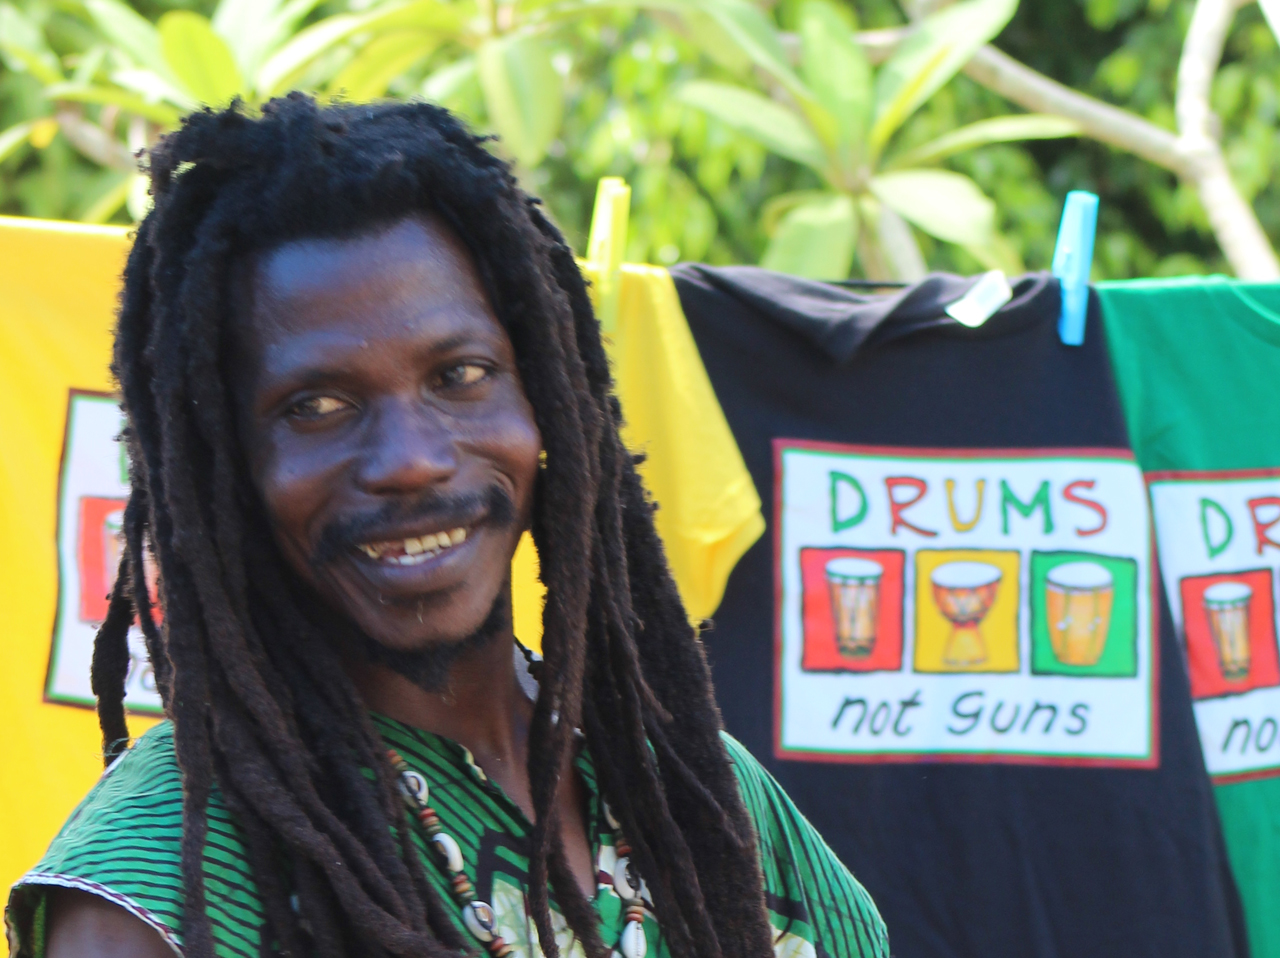 drums not guns